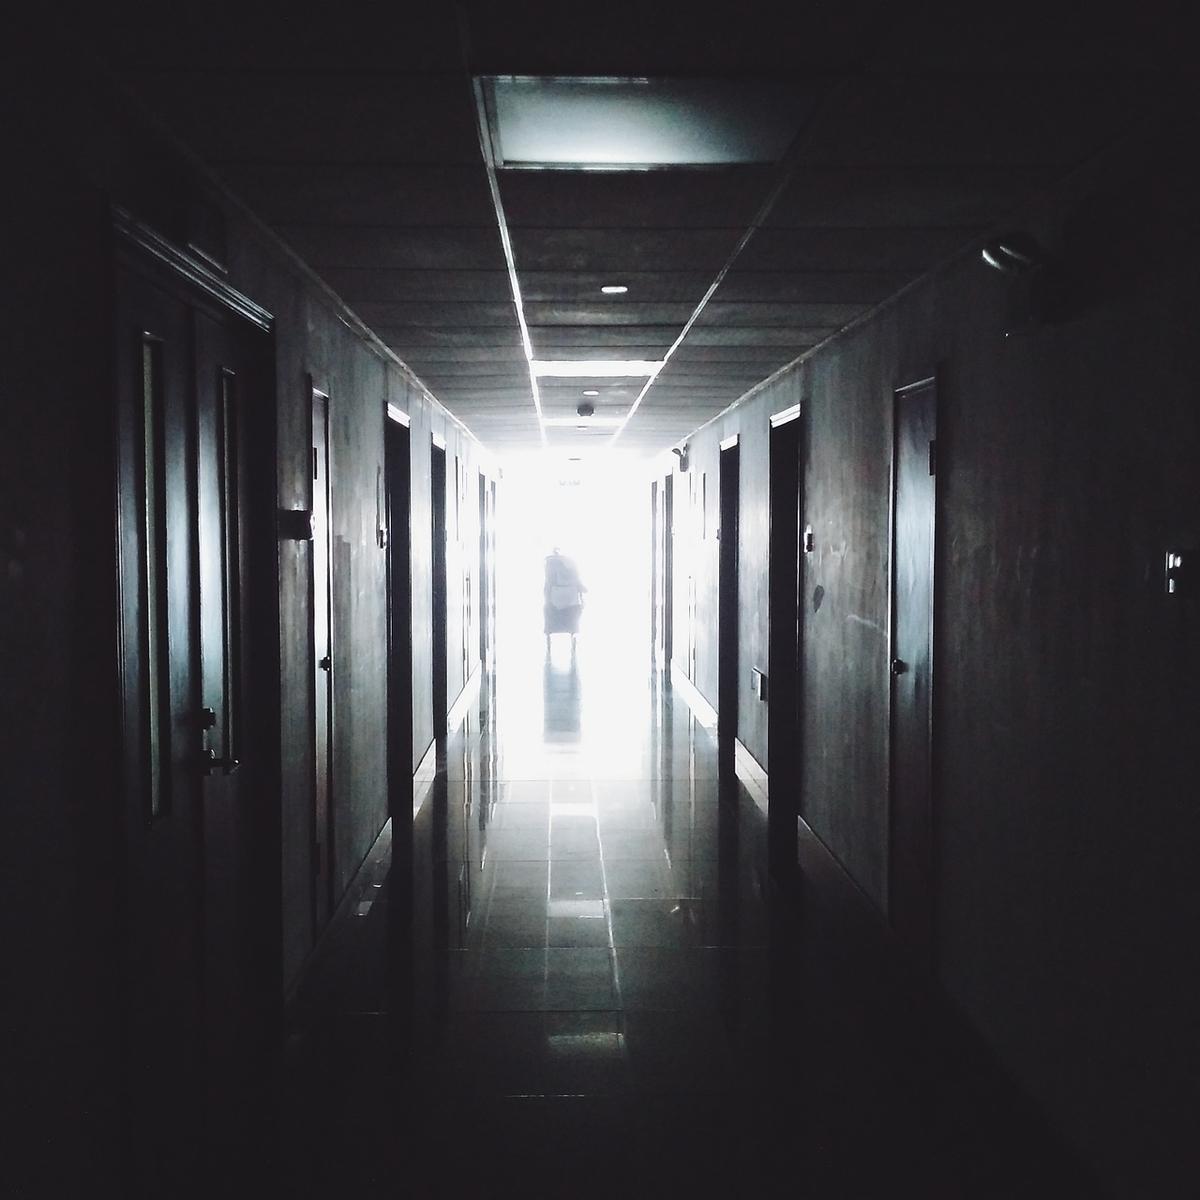 En 1999, un rapport avait jeté une bombe concernant la sécurité des patients des hopitaux. Au moins, 40 000 personnes mourraient d'erreurs médicales chaque année. 20 ans plus tard, est-ce qu'on a fait du progrès ? C'est clair que ça n'a pas empiré, mais c'est loin d'être suffisant.